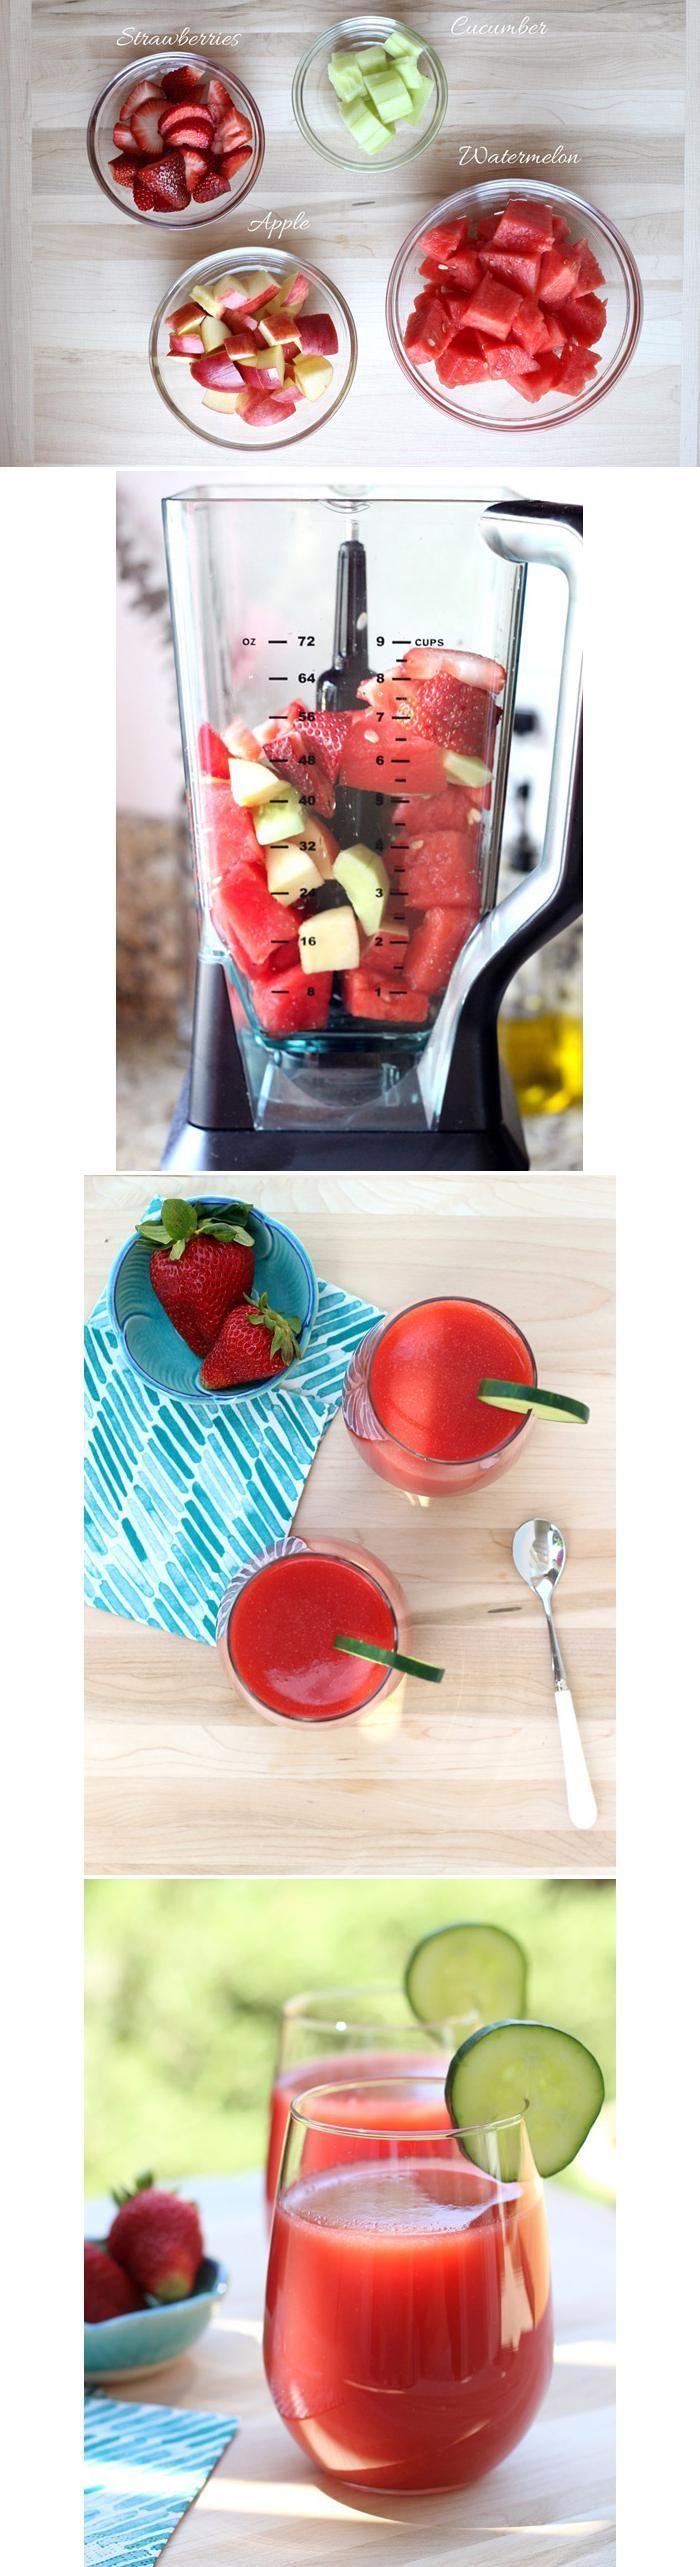 Pepino, fresas, sandía y manzana roja: